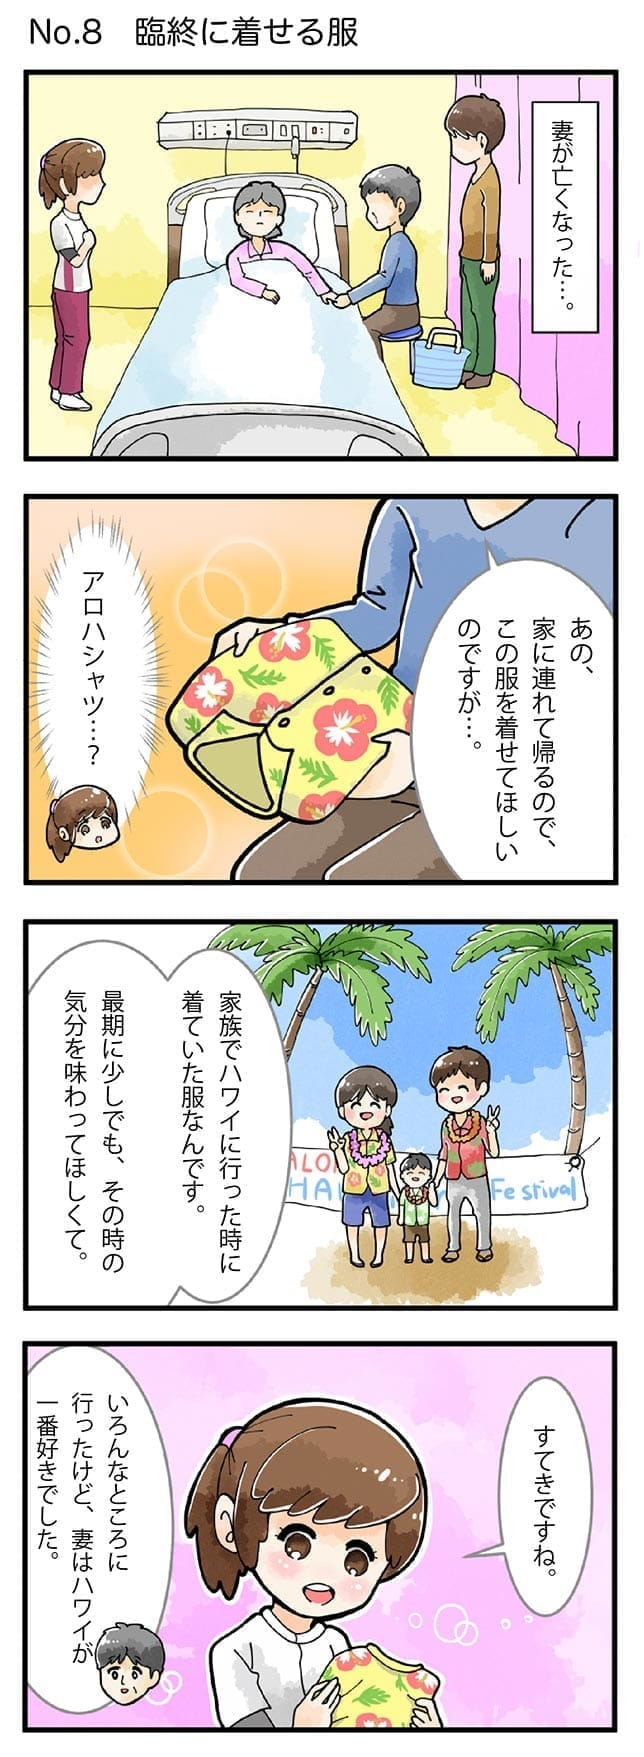 看取りのチカラ 第8話 臨終に着せる服